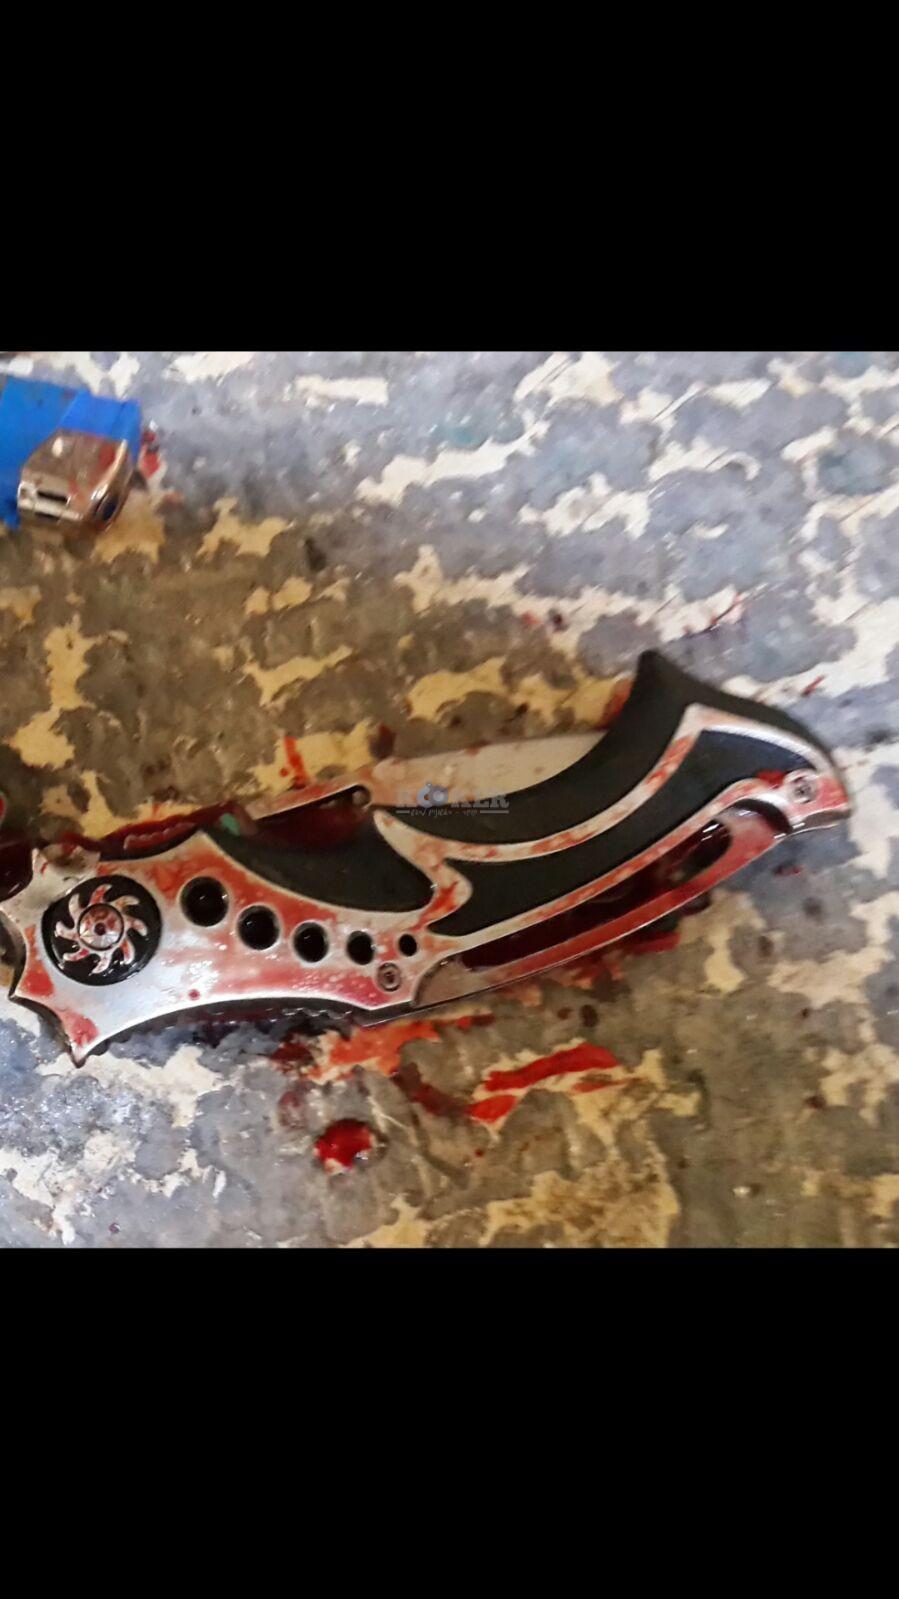 הסכין בה השתמש המחבל. צילום: פלאש 90